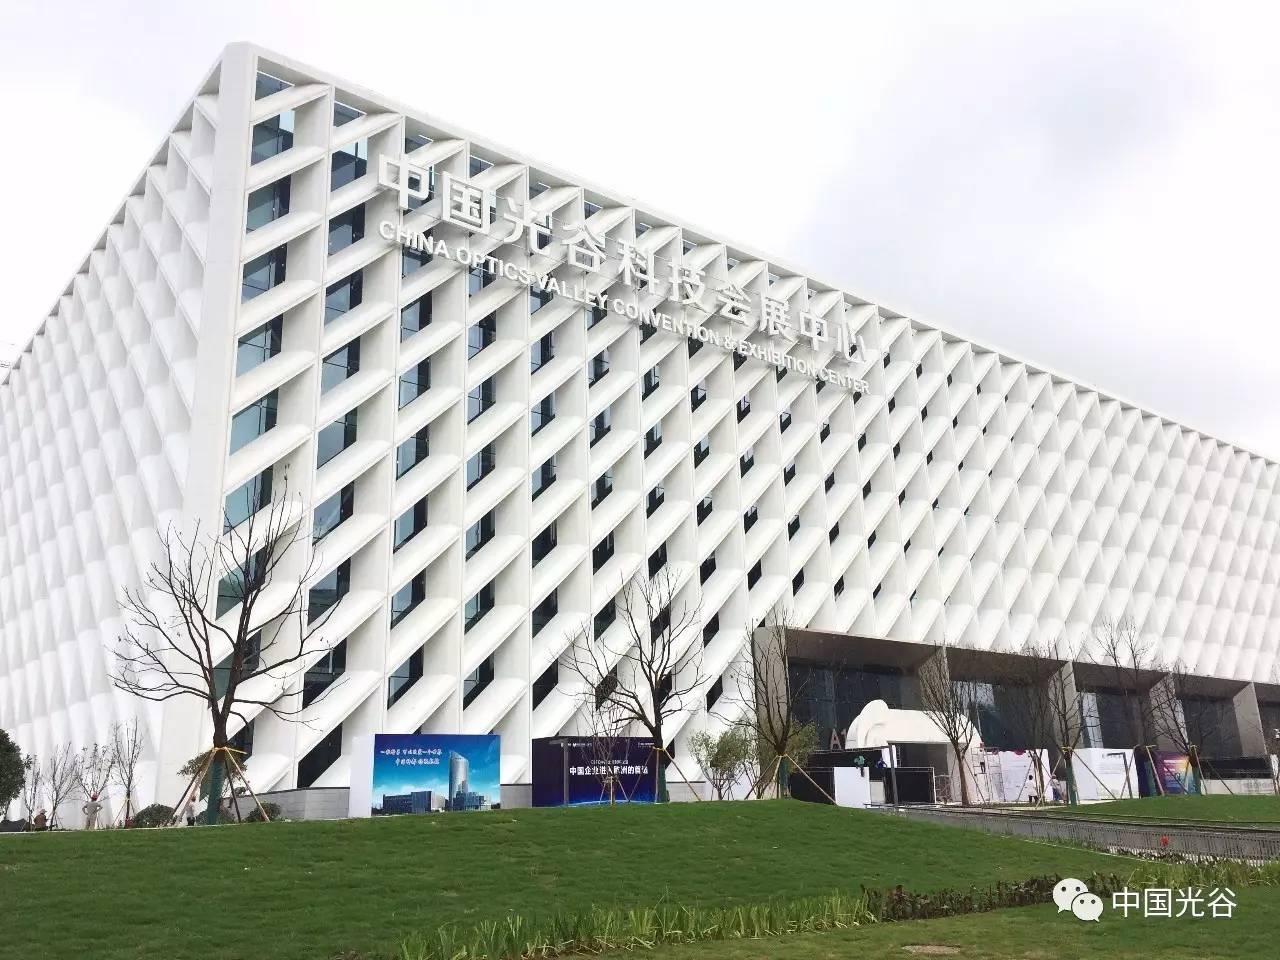 武汉光谷科技会展中心新馆